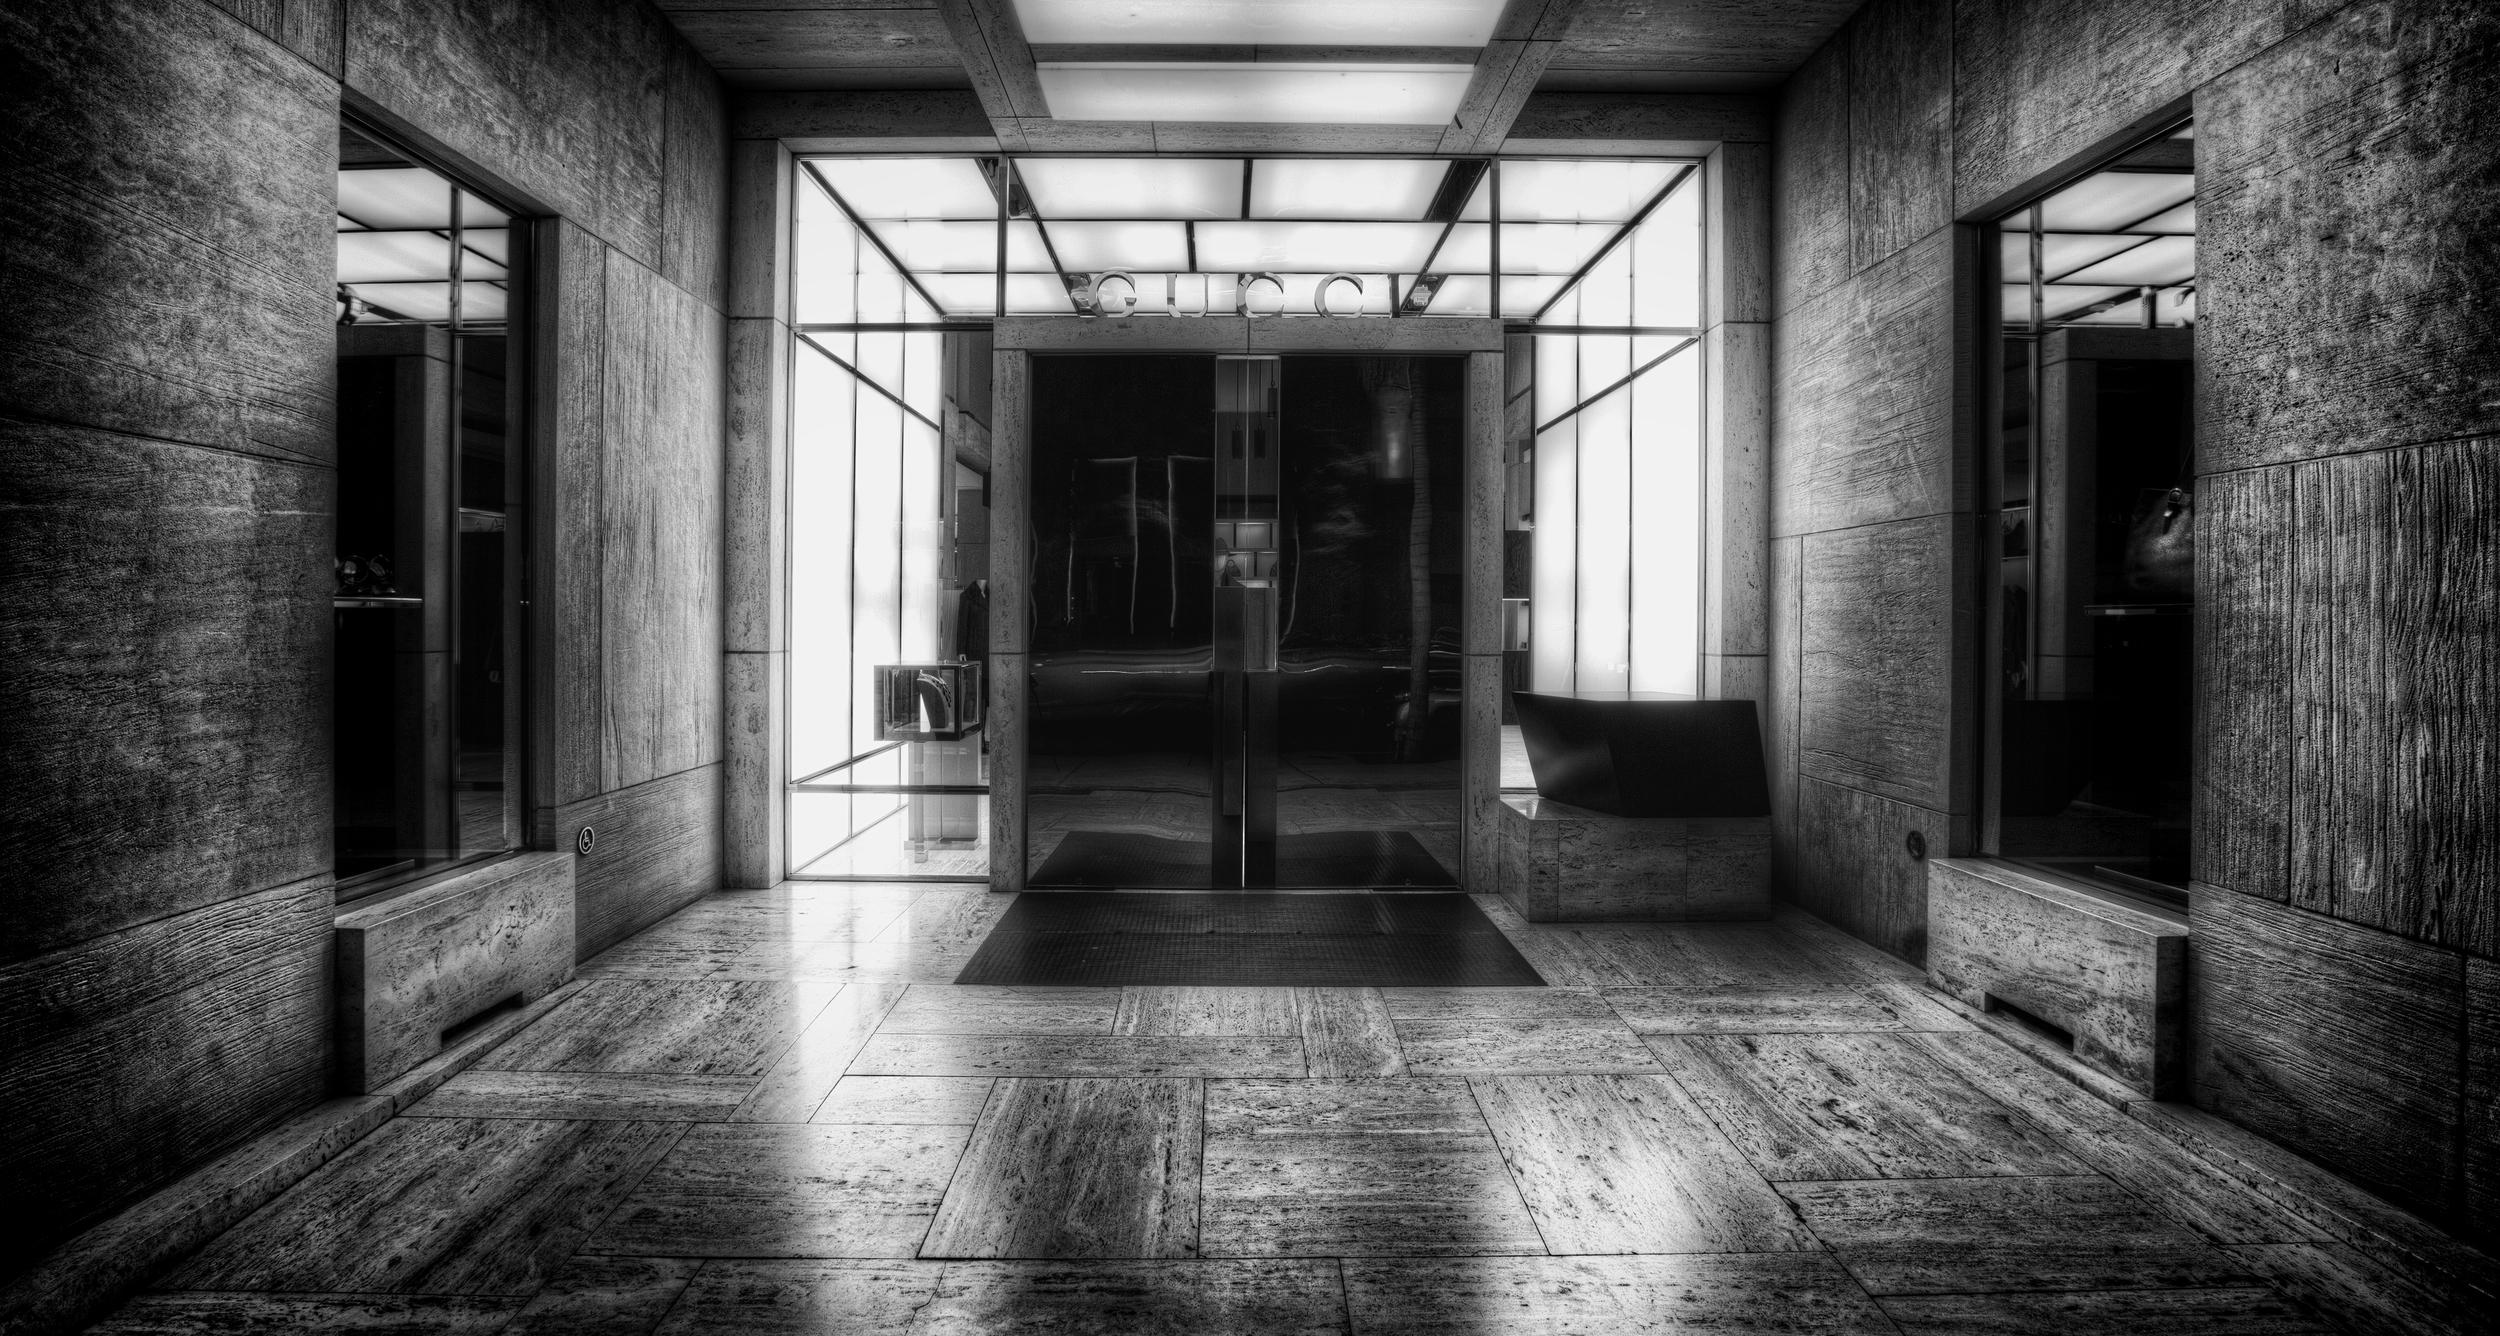 Gucci Doorway  Unframed - 16x20